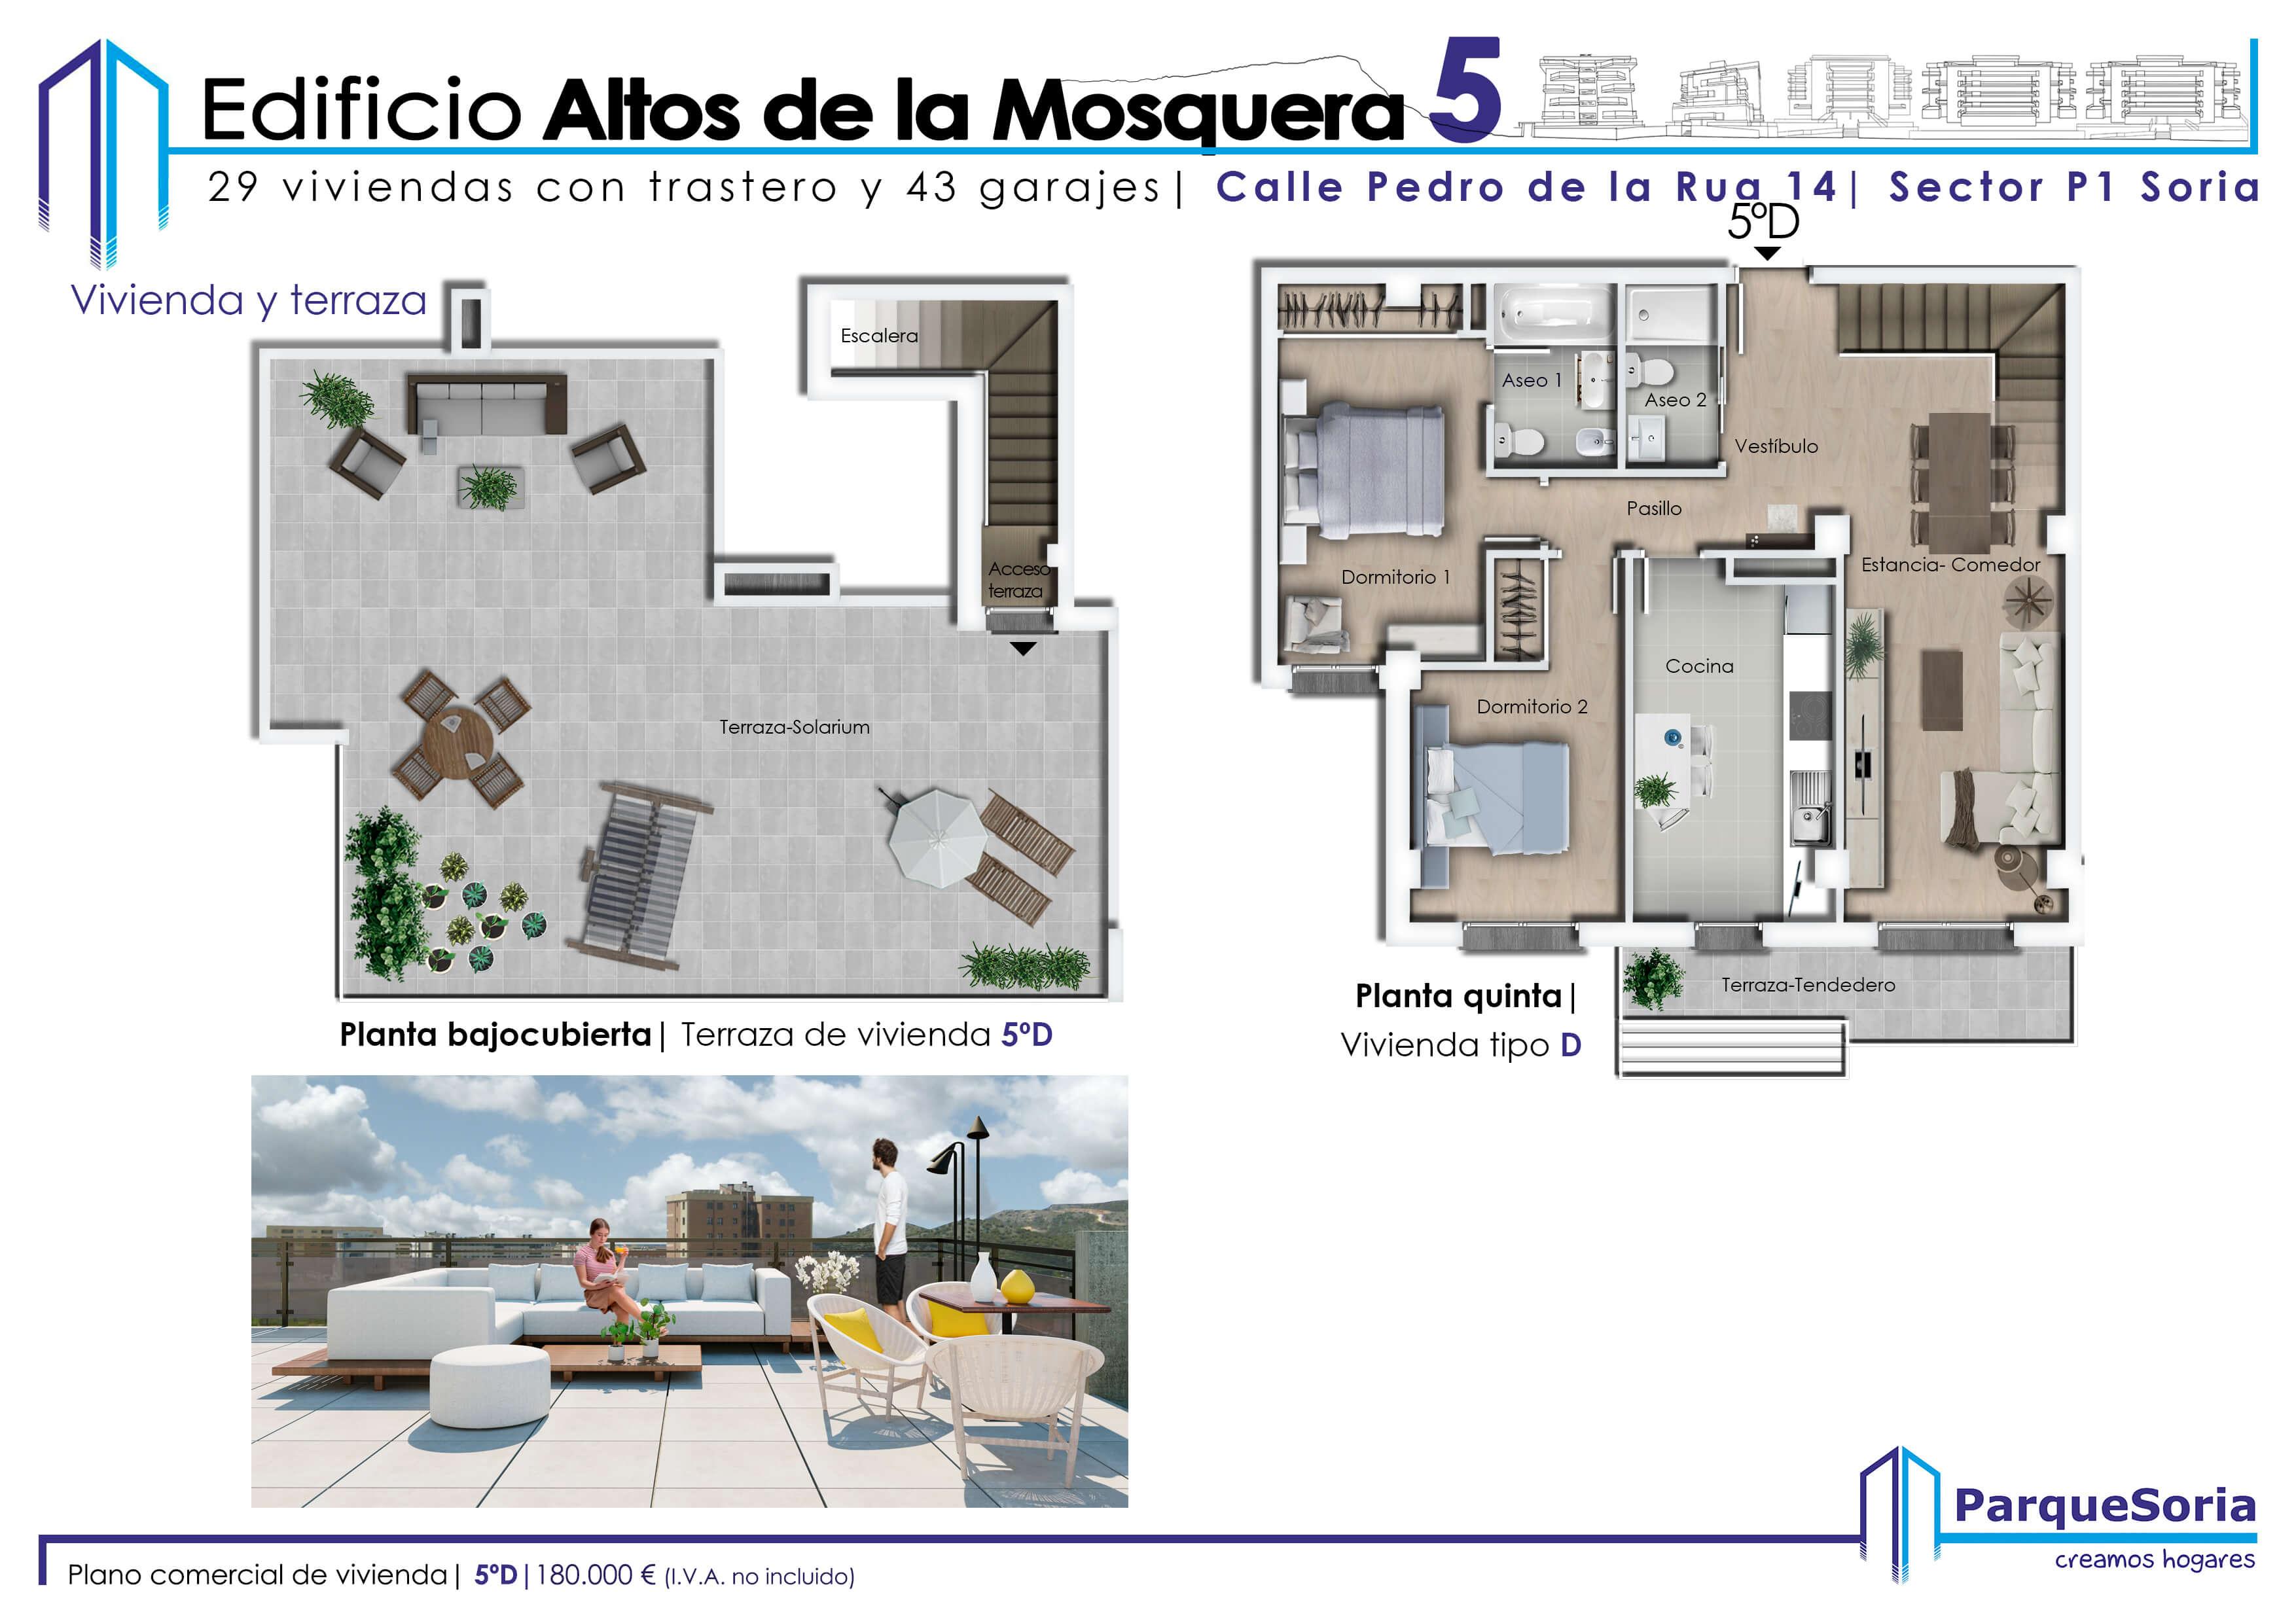 554-vivienda y terraza